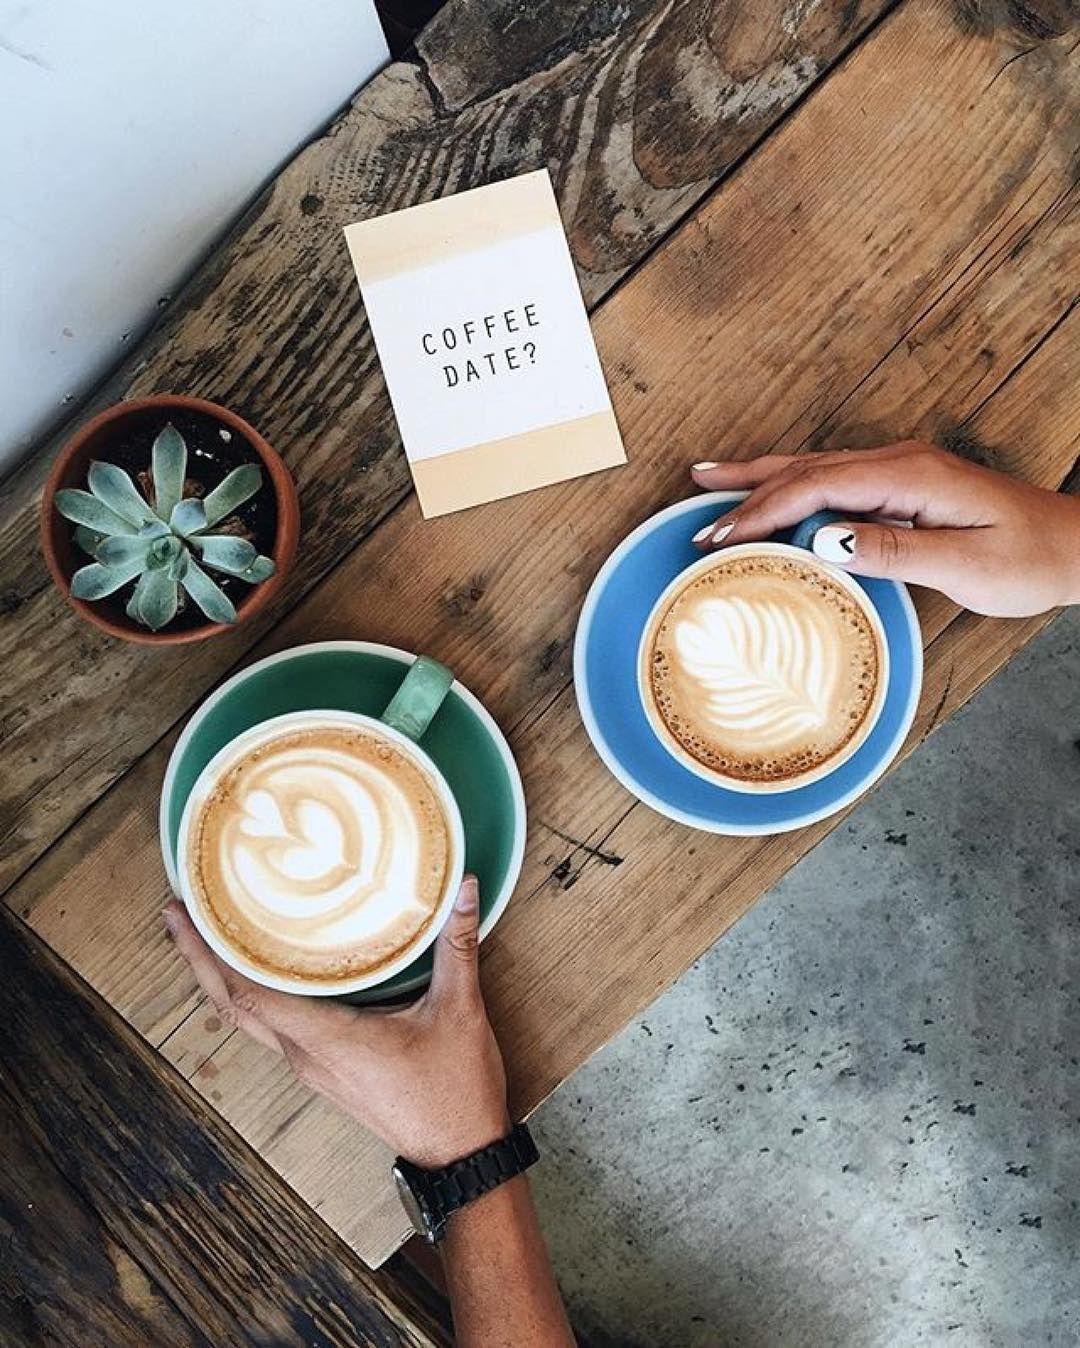 Migliori Cialde Caffe Immagini